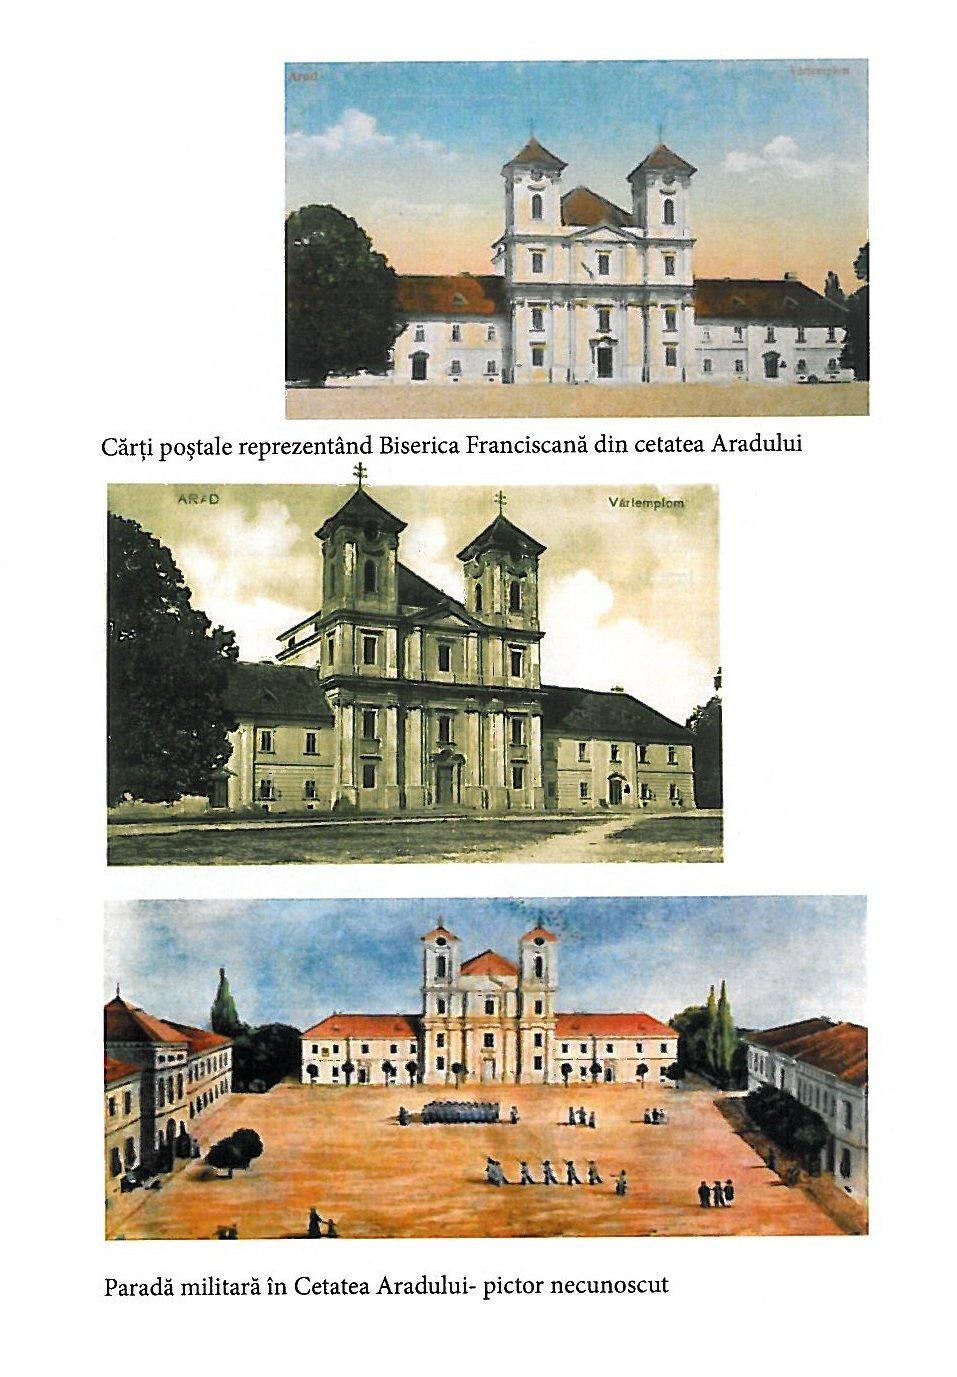 Carti postale cu Biserica franciscana